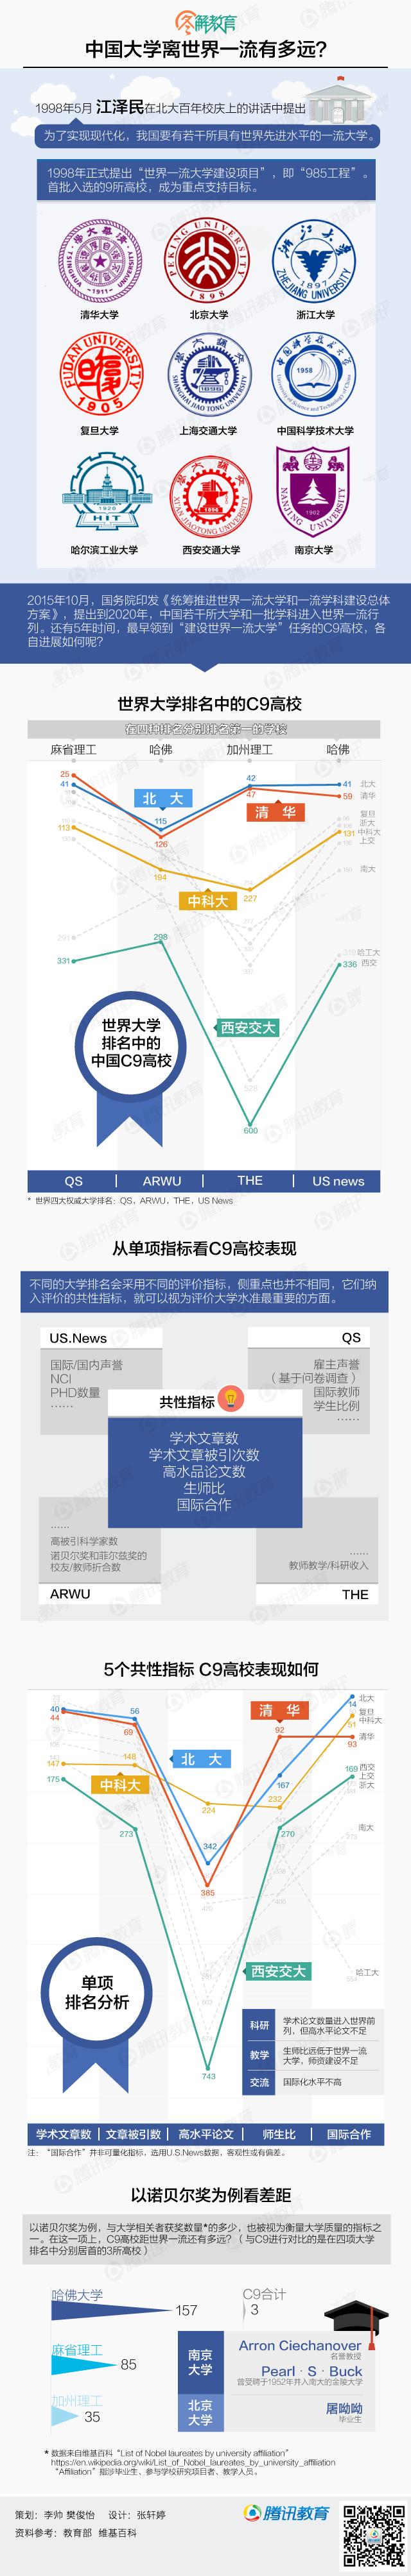 中国大学离世界一流有多远?